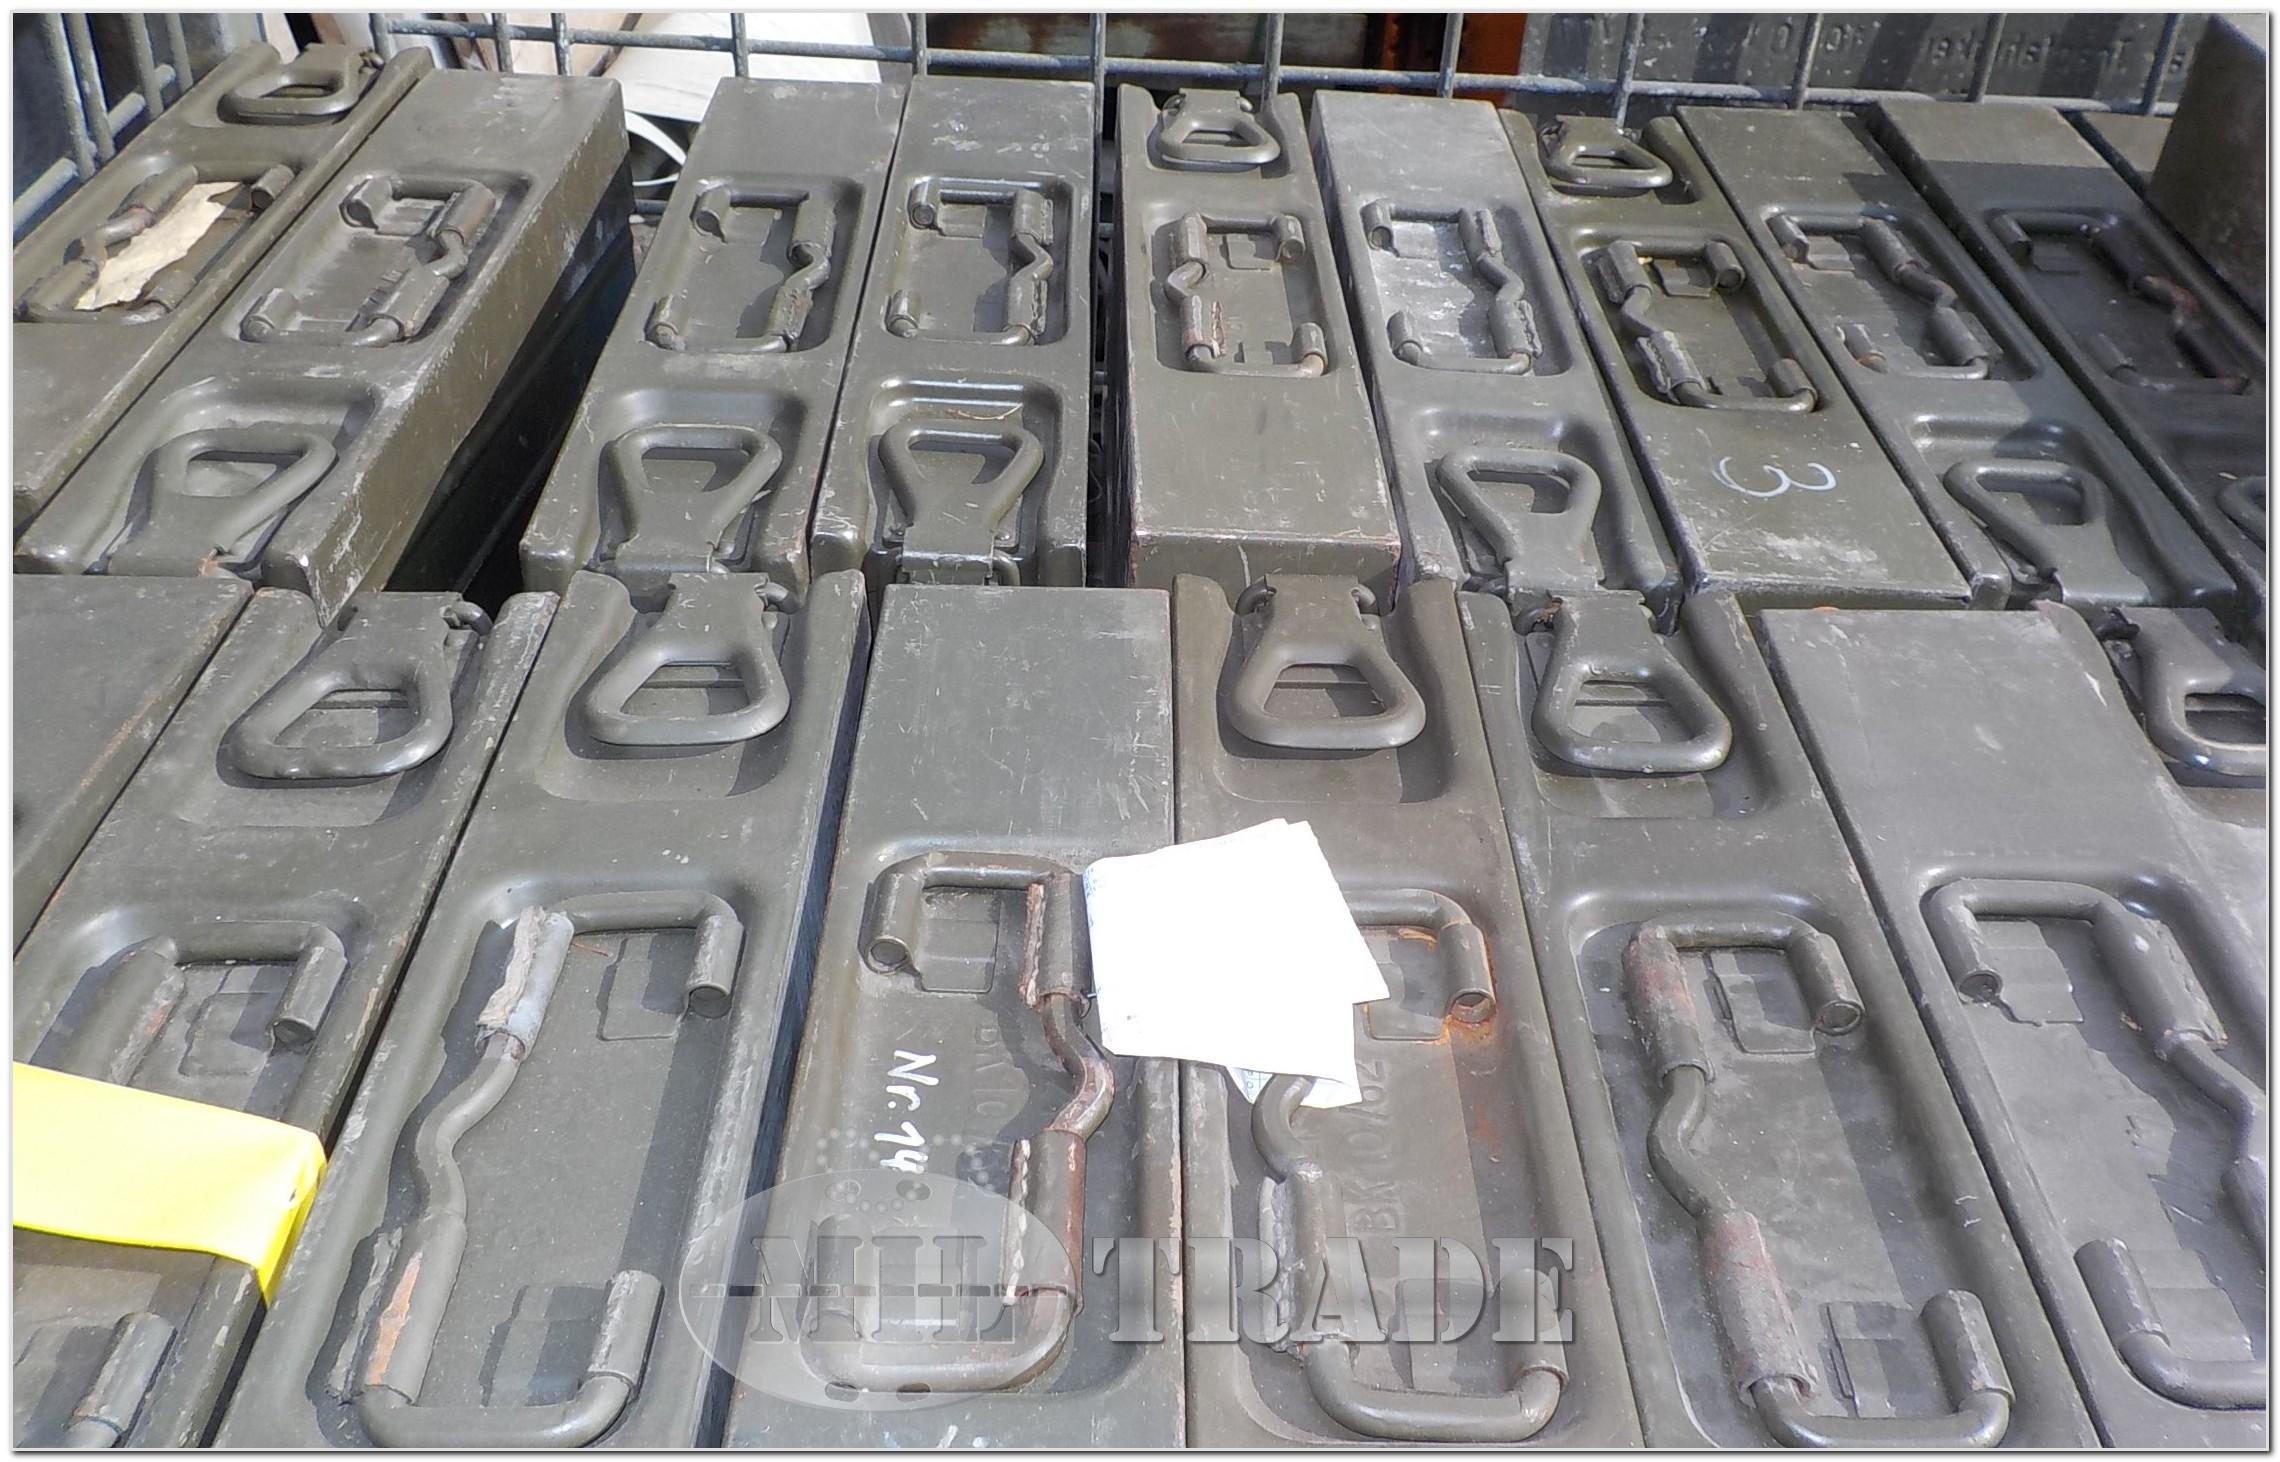 miltrade - bundeswehr gurtkiste gurtkasten munitionskiste für mg3